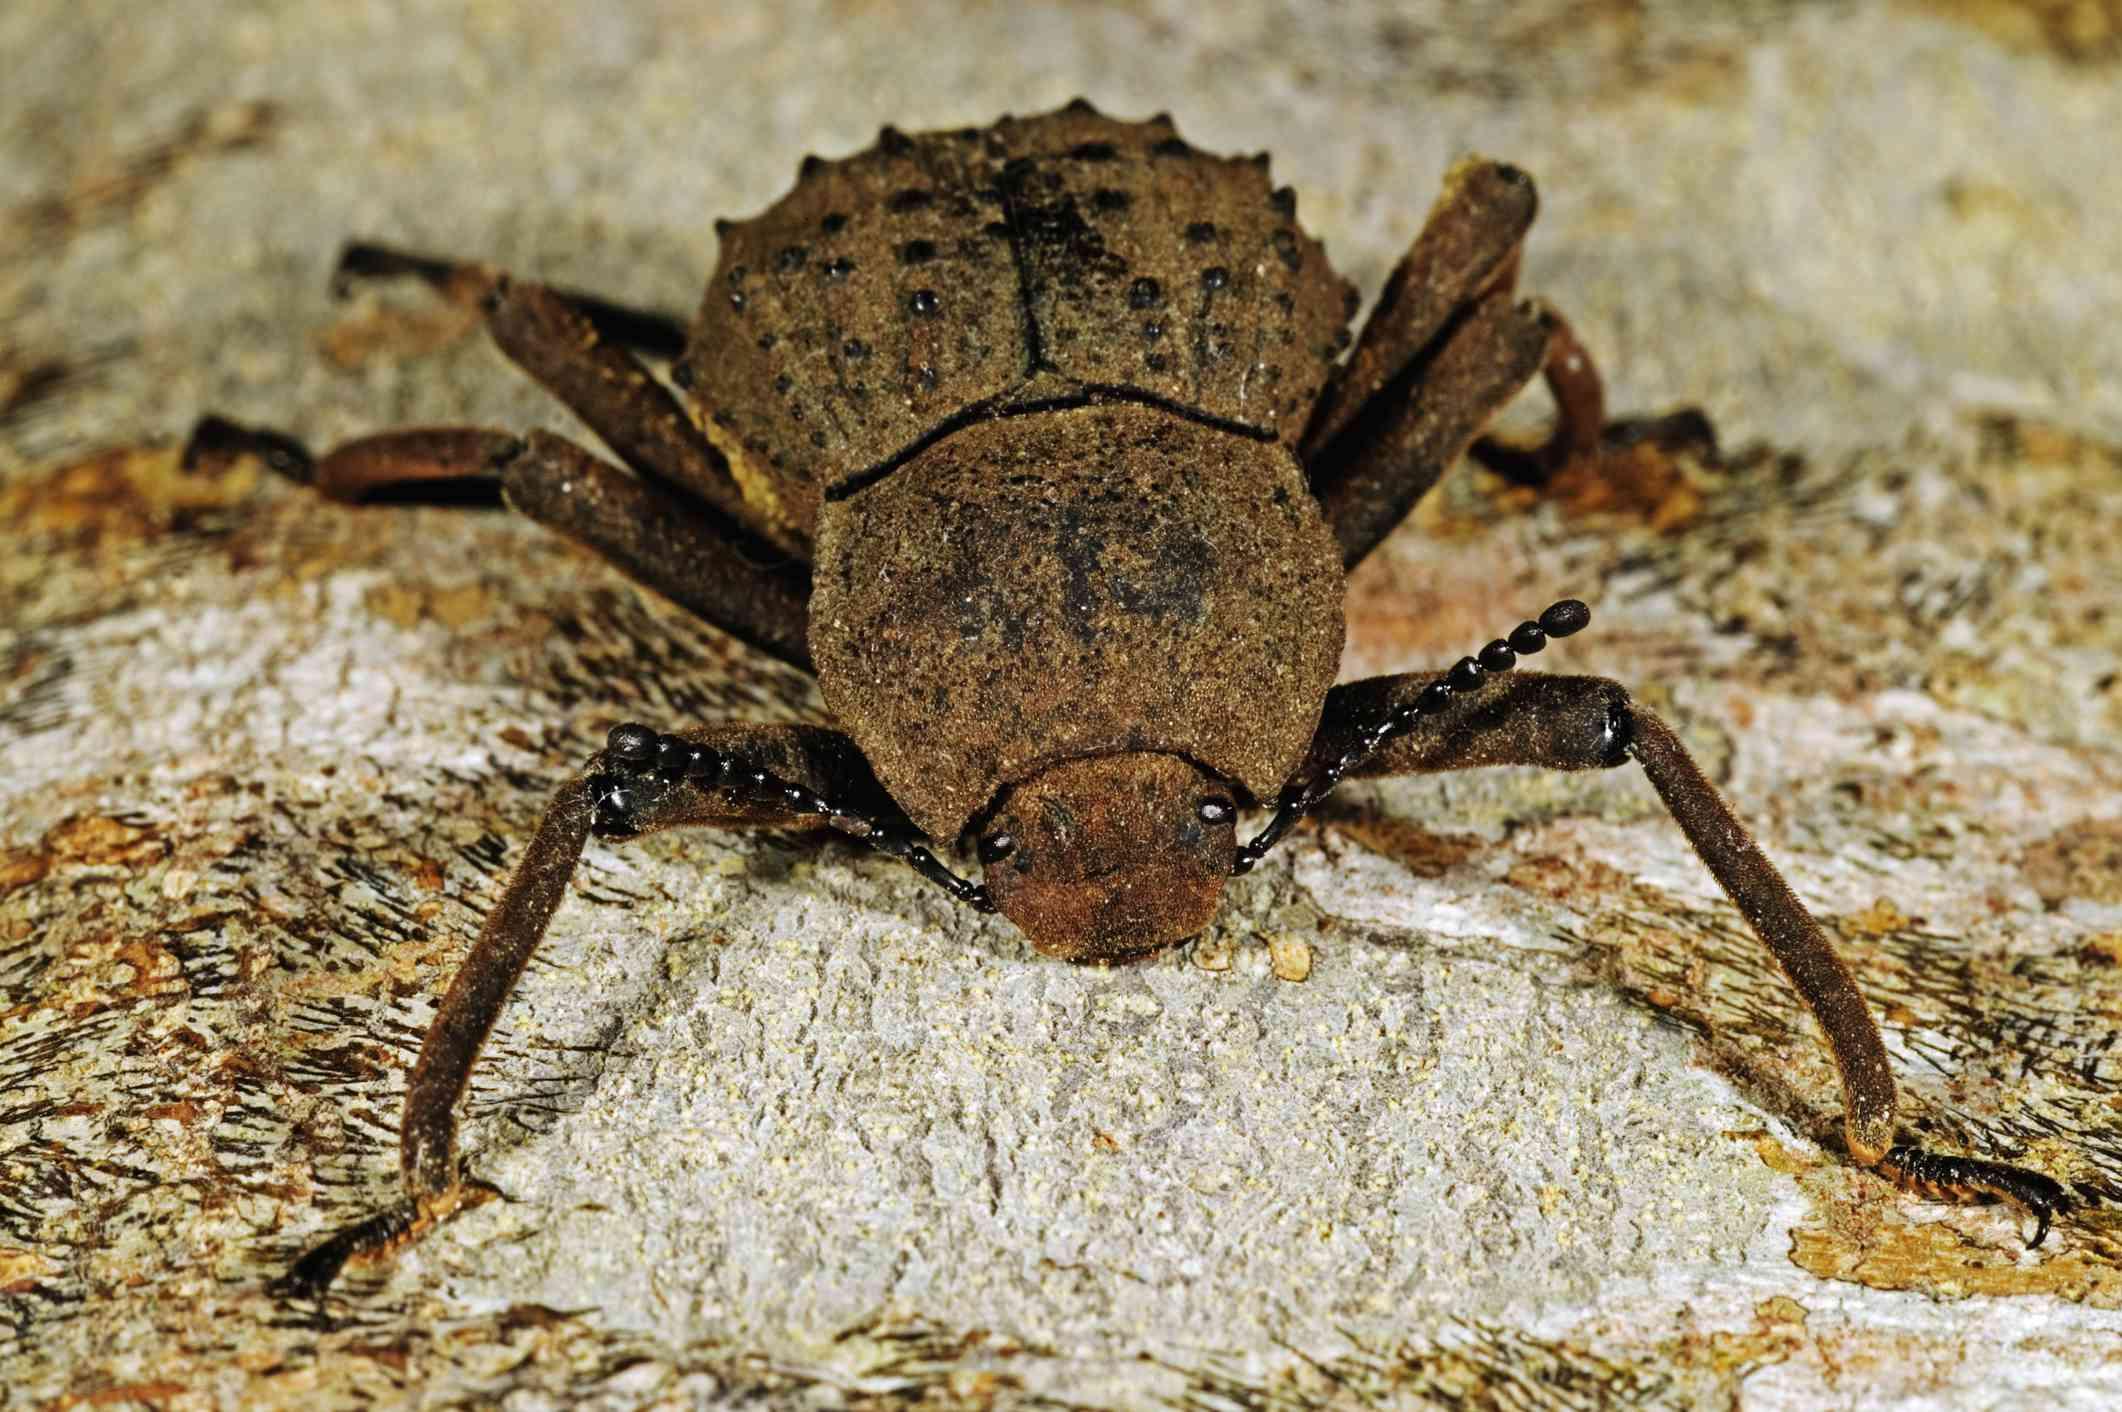 close up of a Frégate Island beetle on a rock